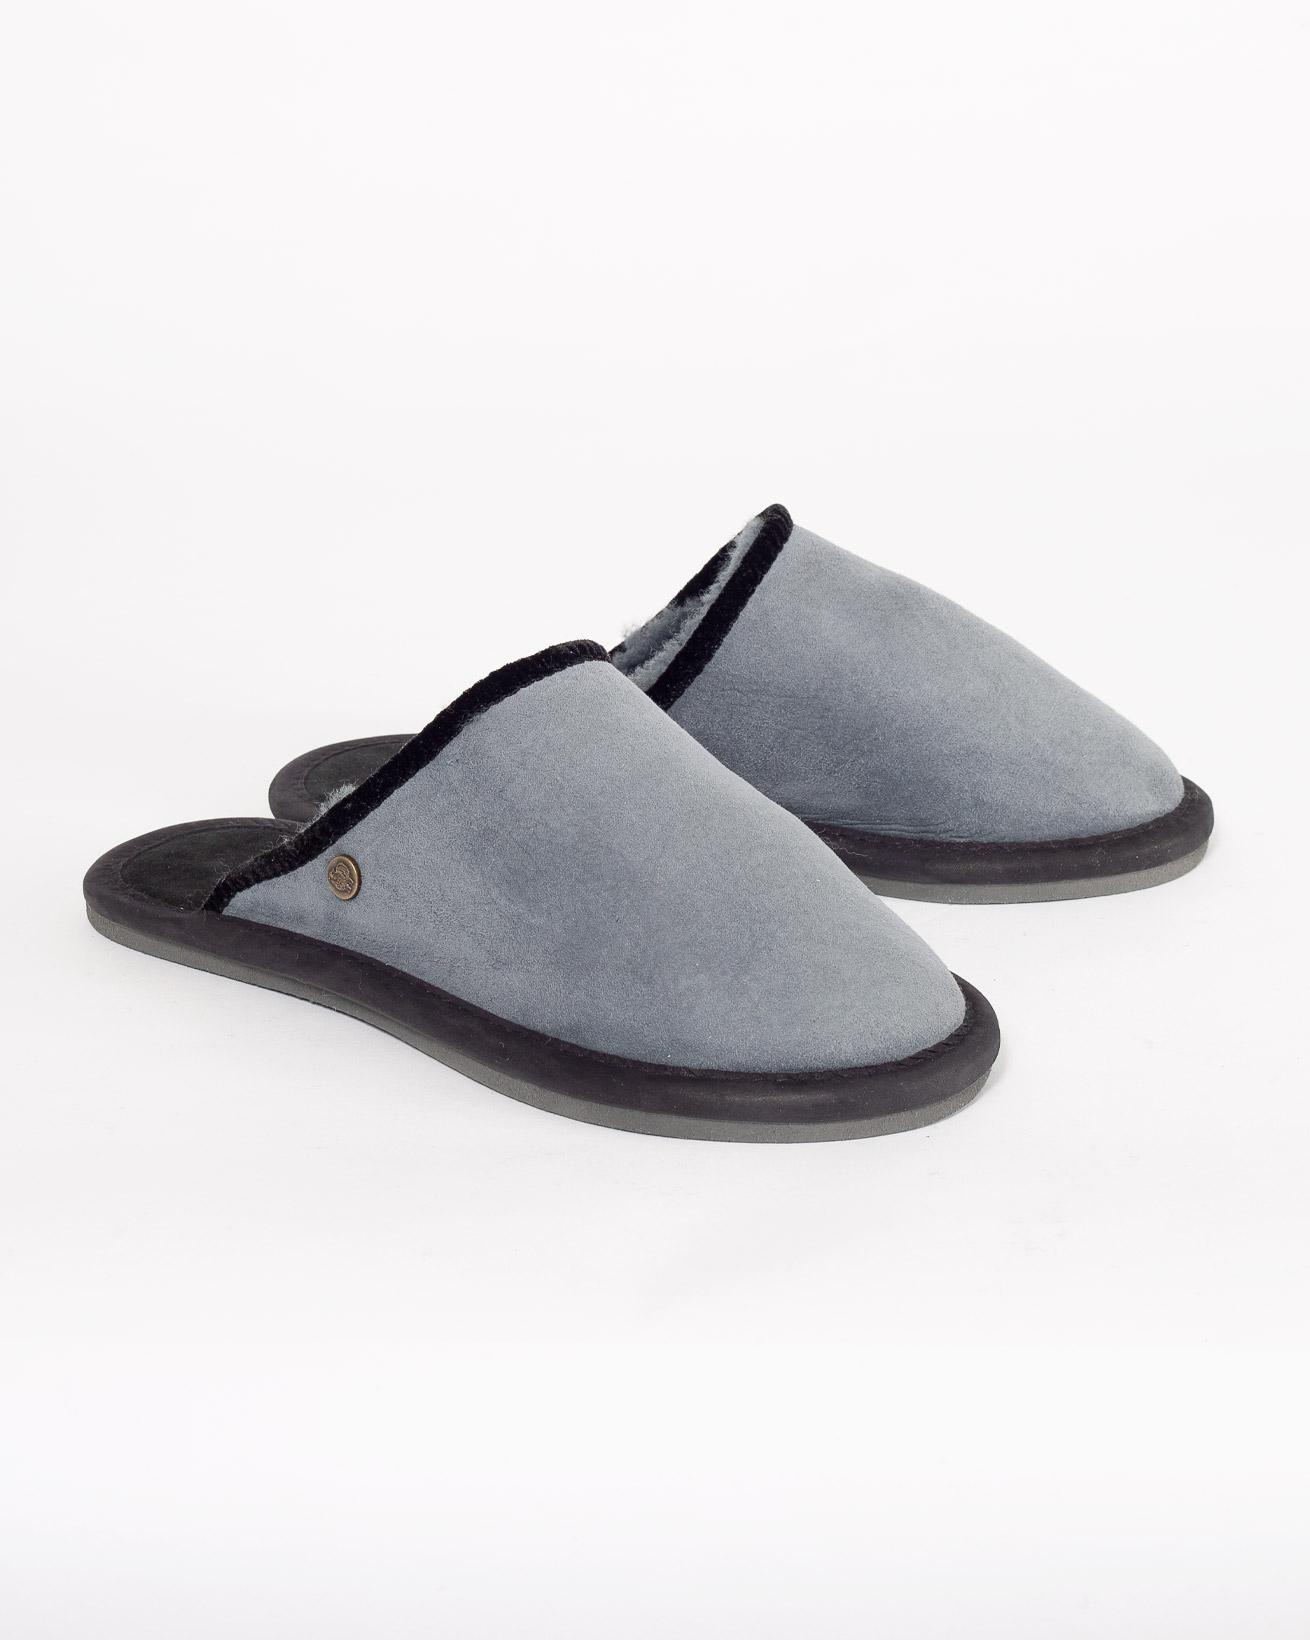 Bound Mules - Size 6 - Dark Grey - 996